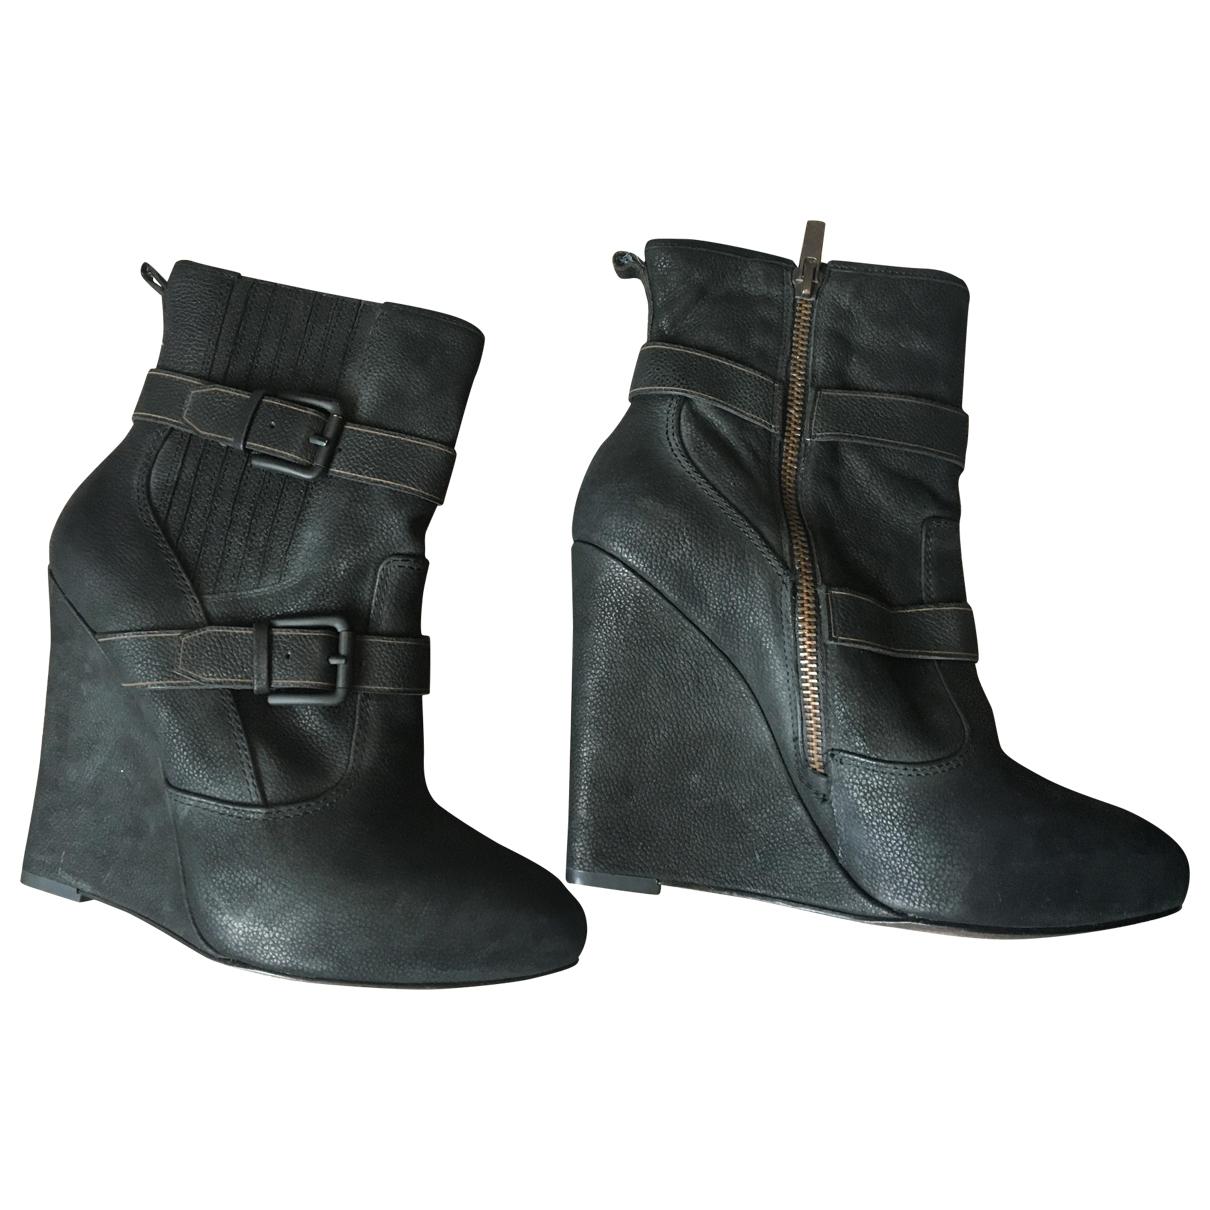 Joie - Boots   pour femme en cuir - marron